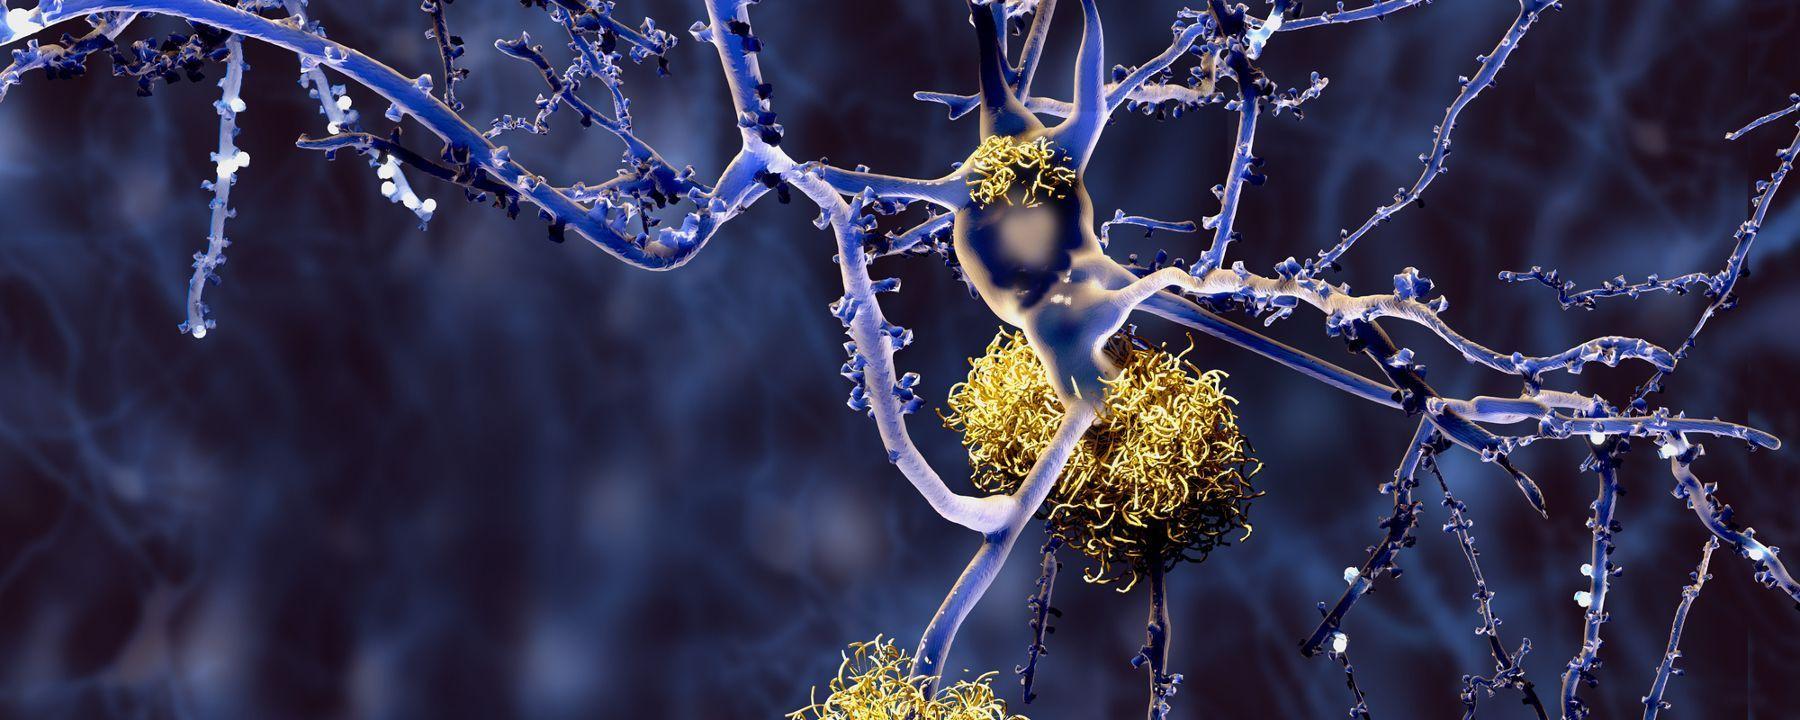 Biogen Presents Data on Efficacy of Alzheimer's Drug